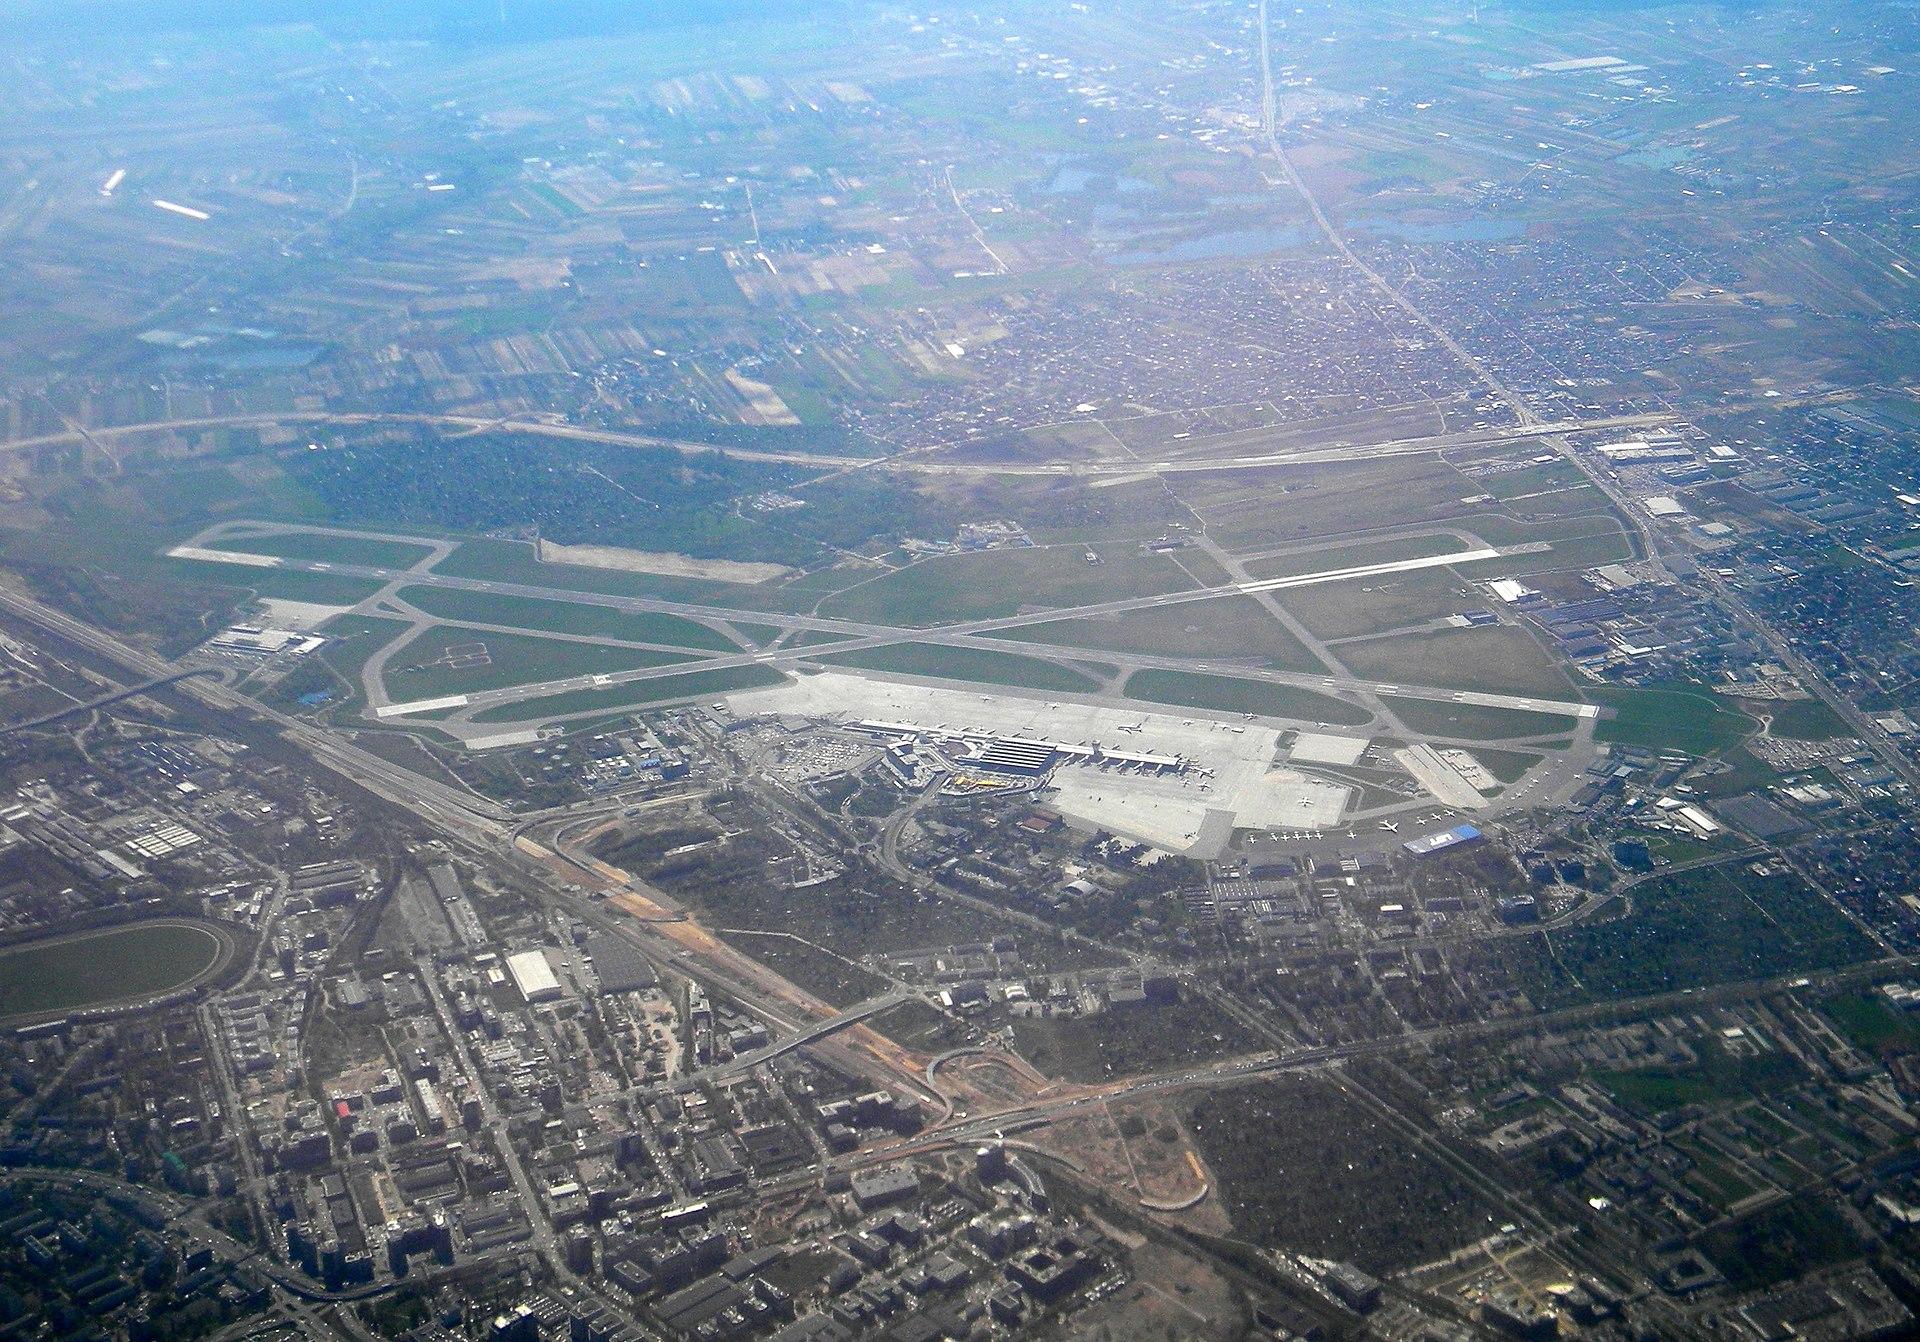 Frankfurt Airport Enterprise Rental Car Return